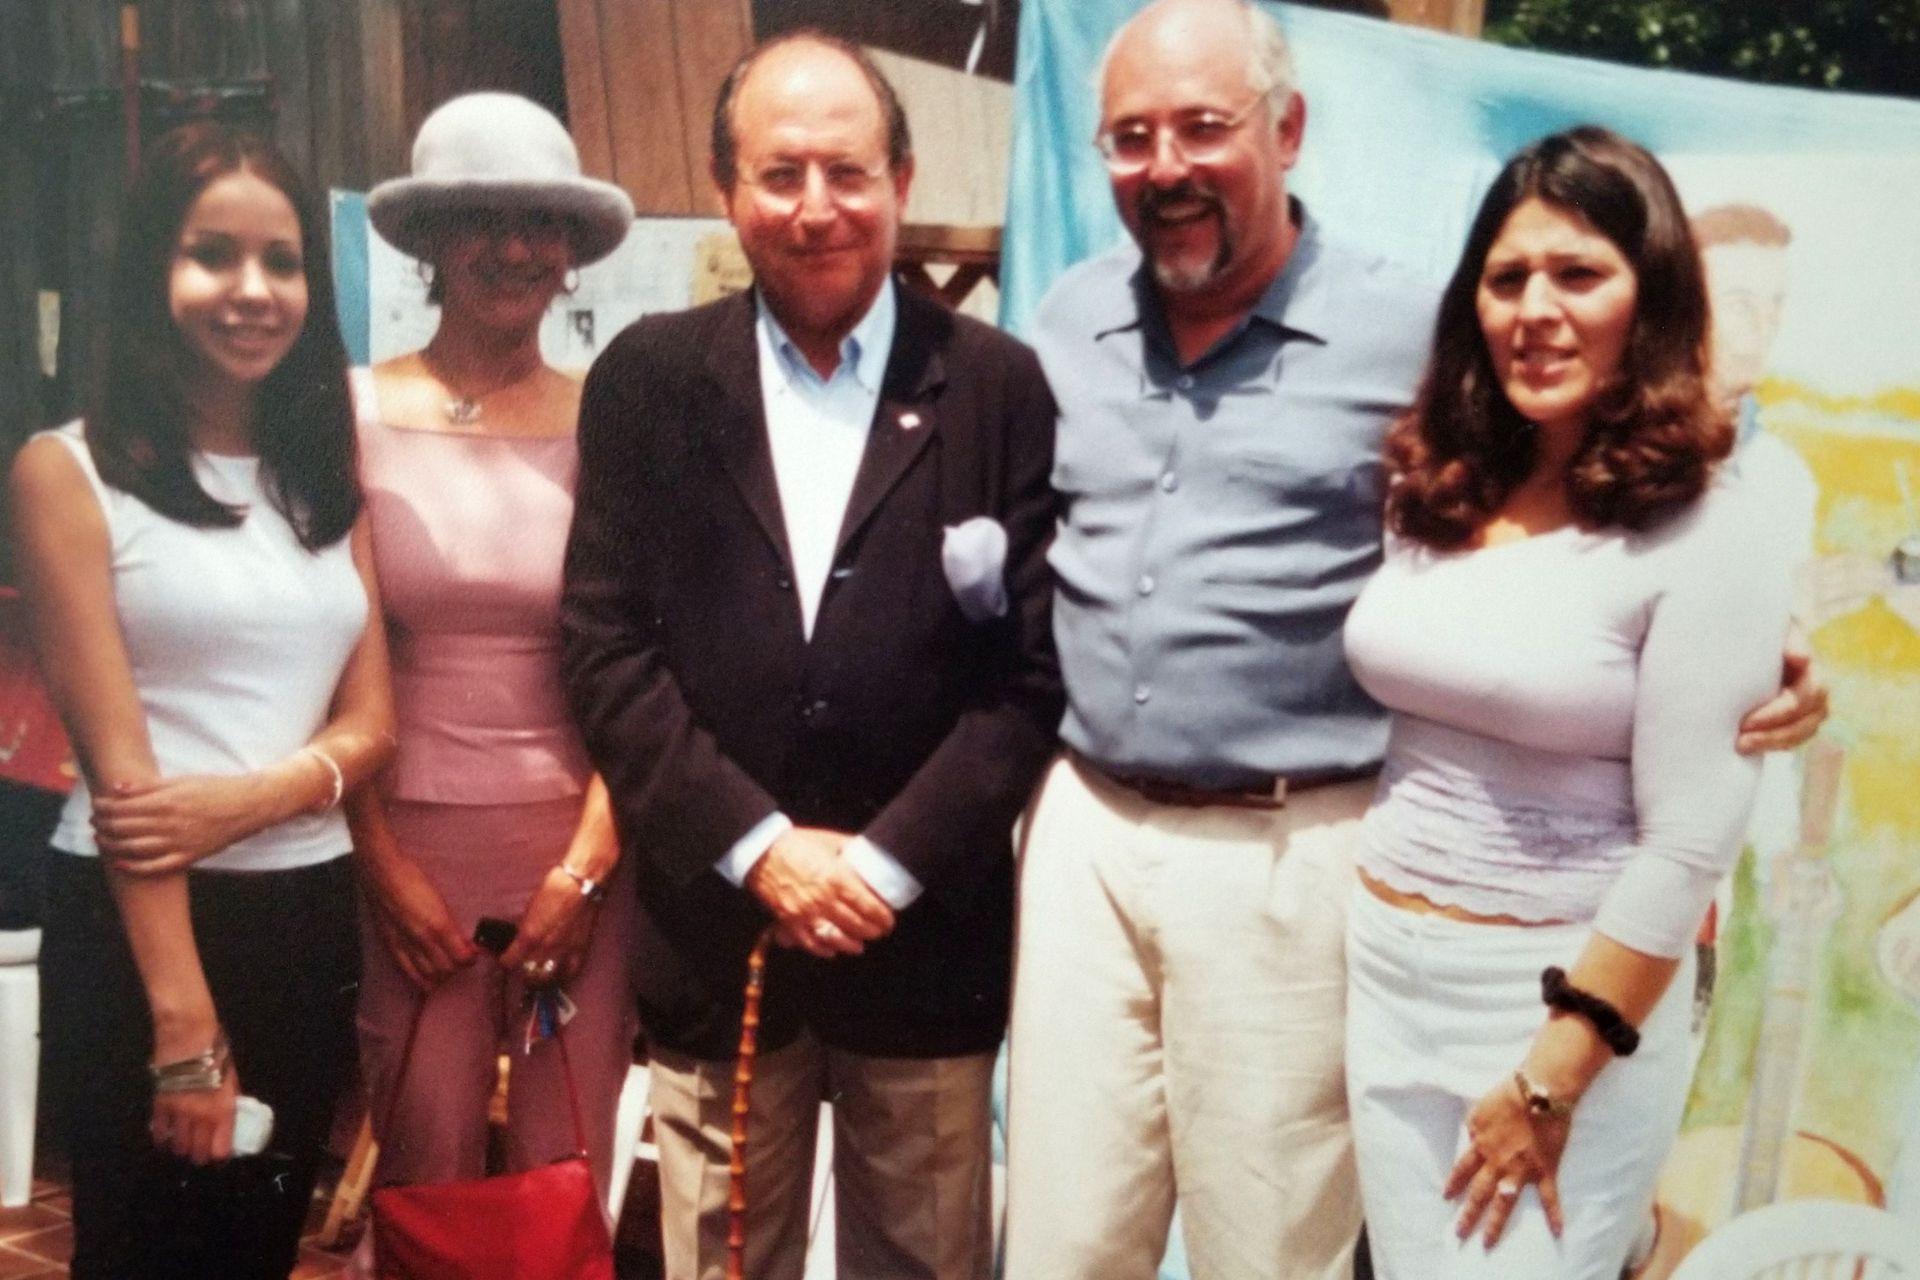 Asado en lo de Daniel, junto a su mujer, y a Diego Guelar y familia como invitados.